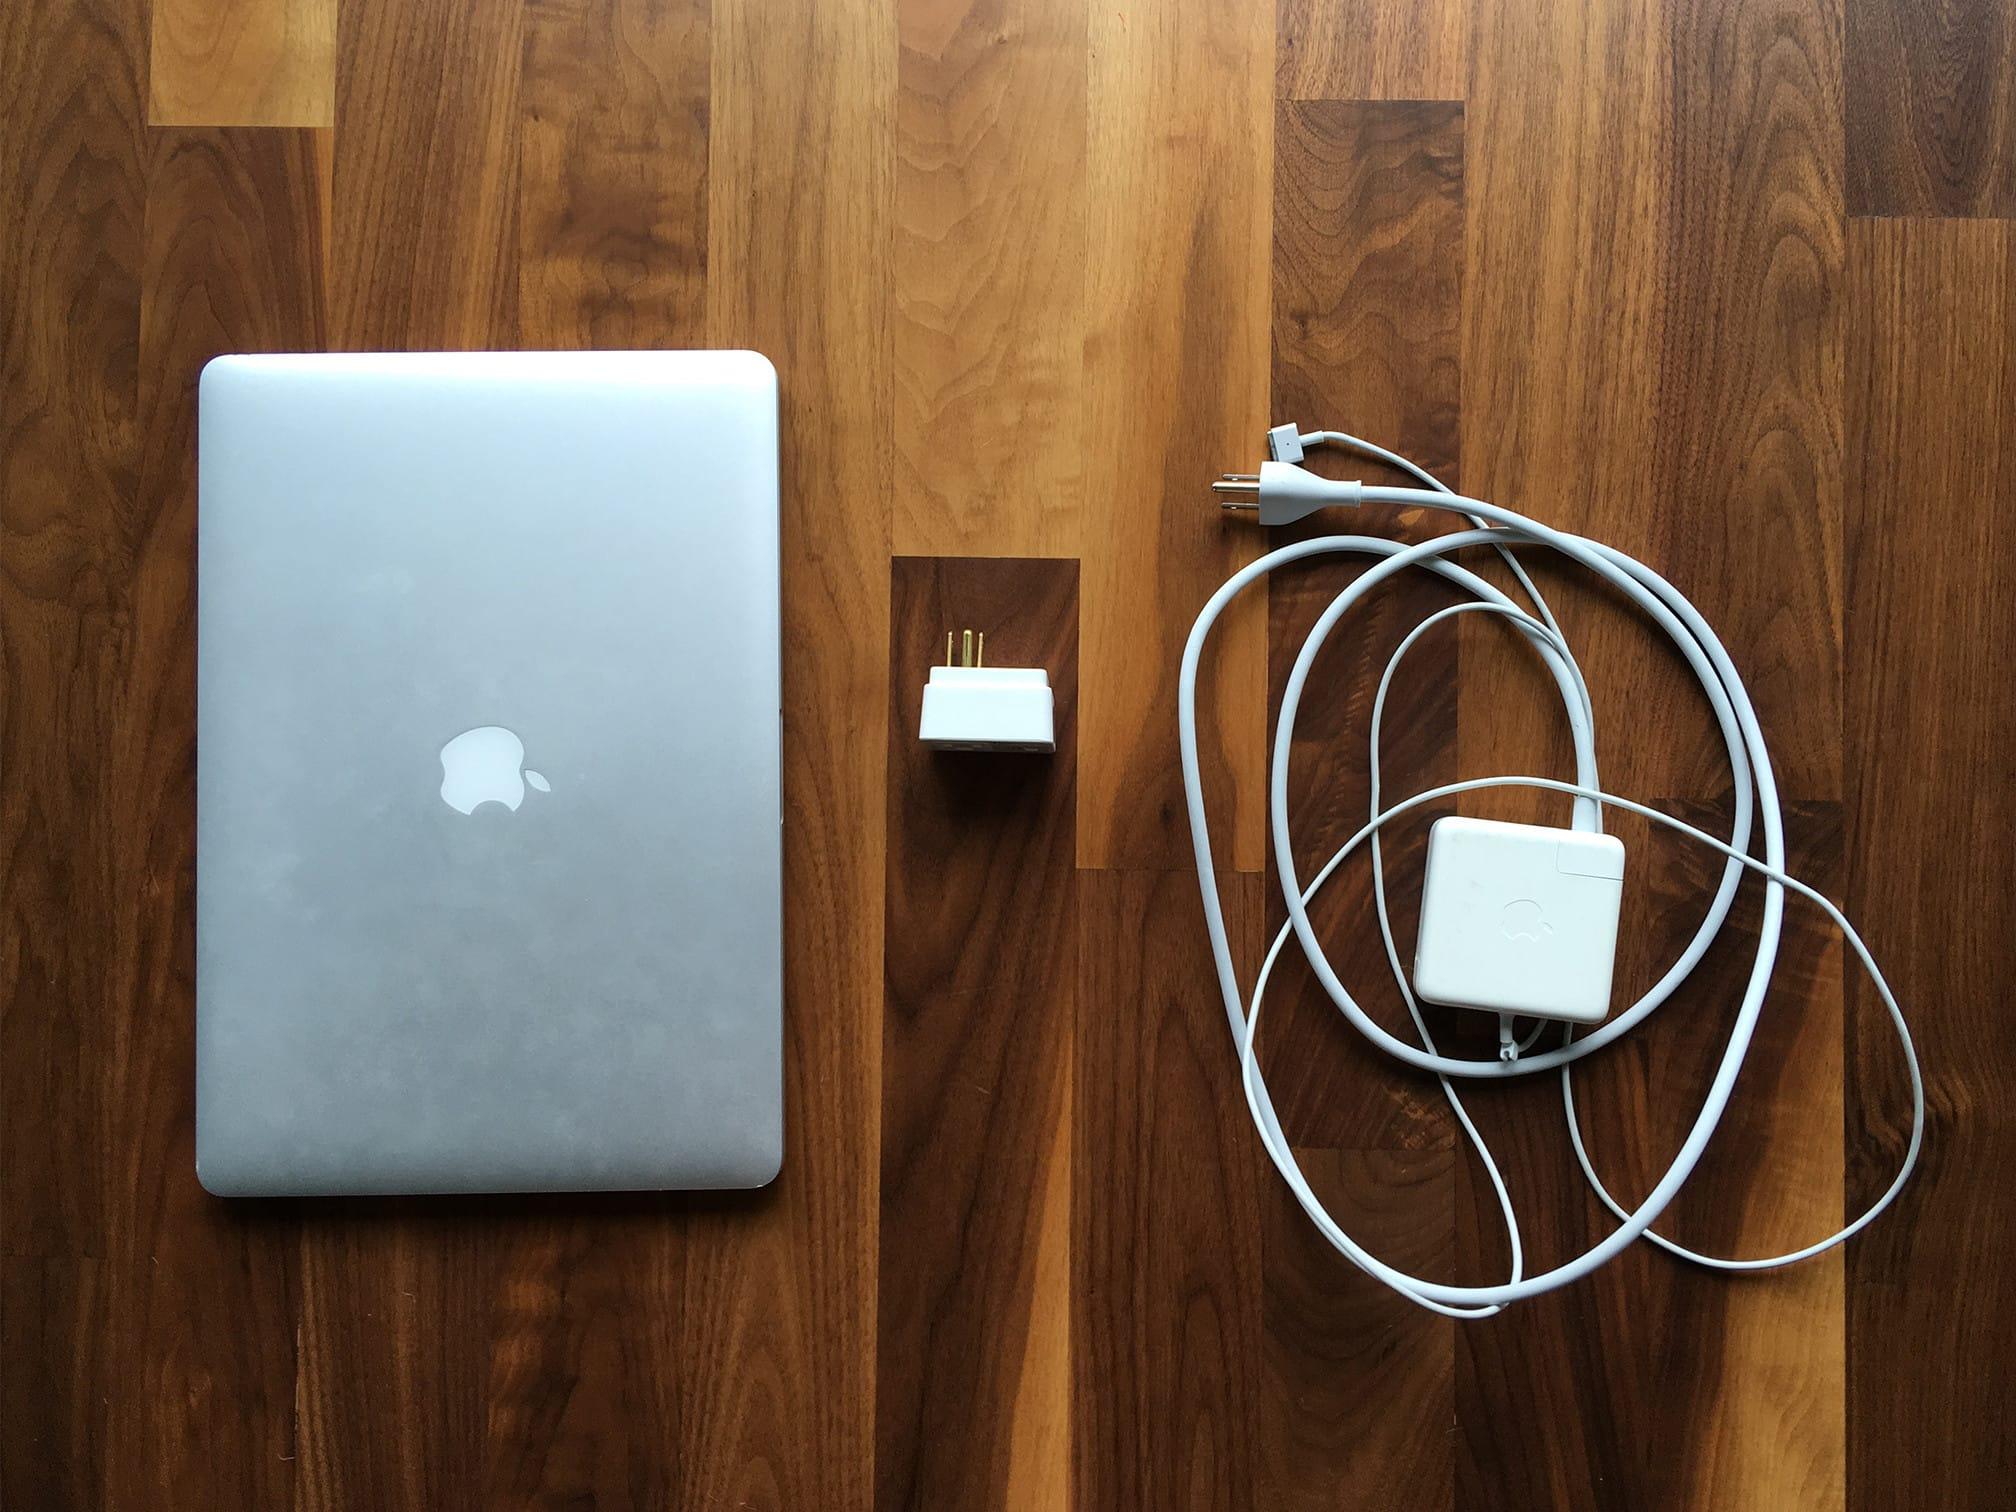 MacBook Pro | Surge Protector